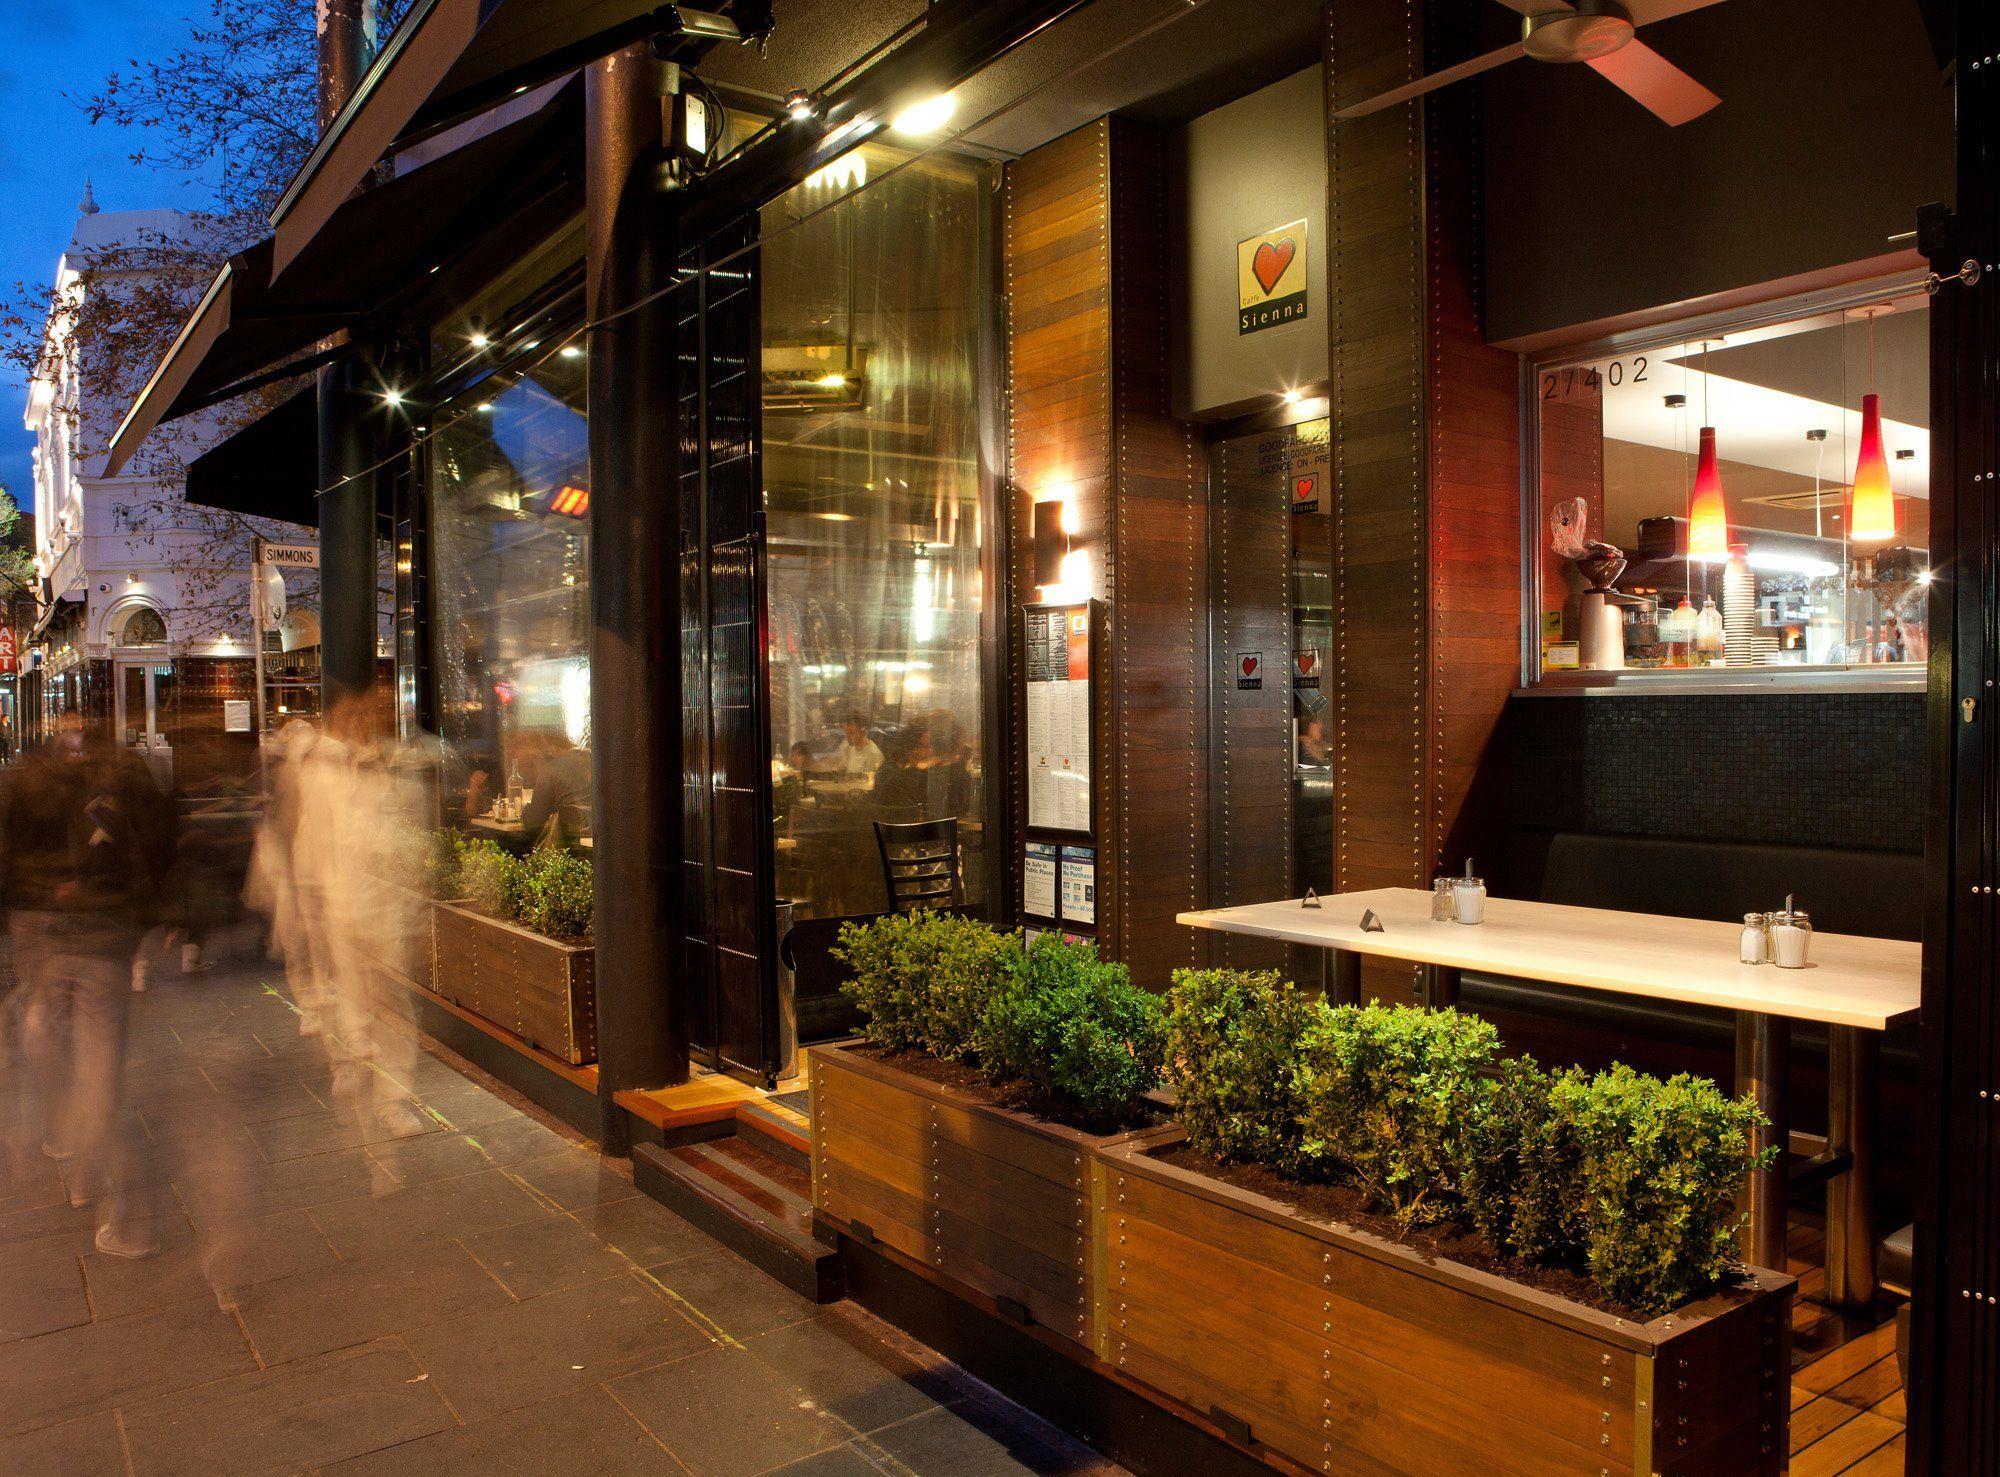 cafe interior photos | cafe interior design | restaurant ideas